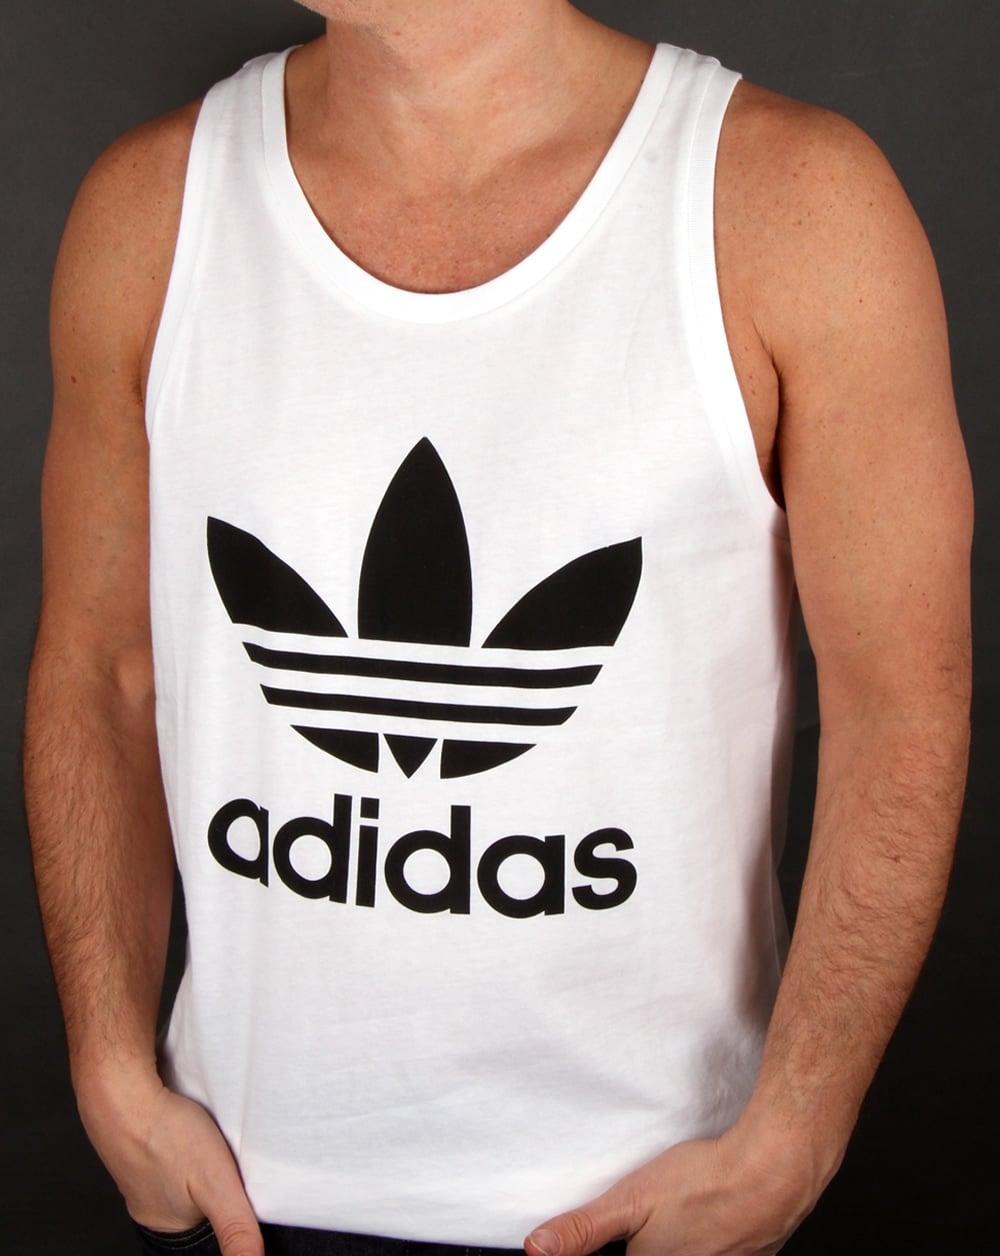 2ffe5e5b3e645 adidas Originals Adidas Originals Trefoil Vest White